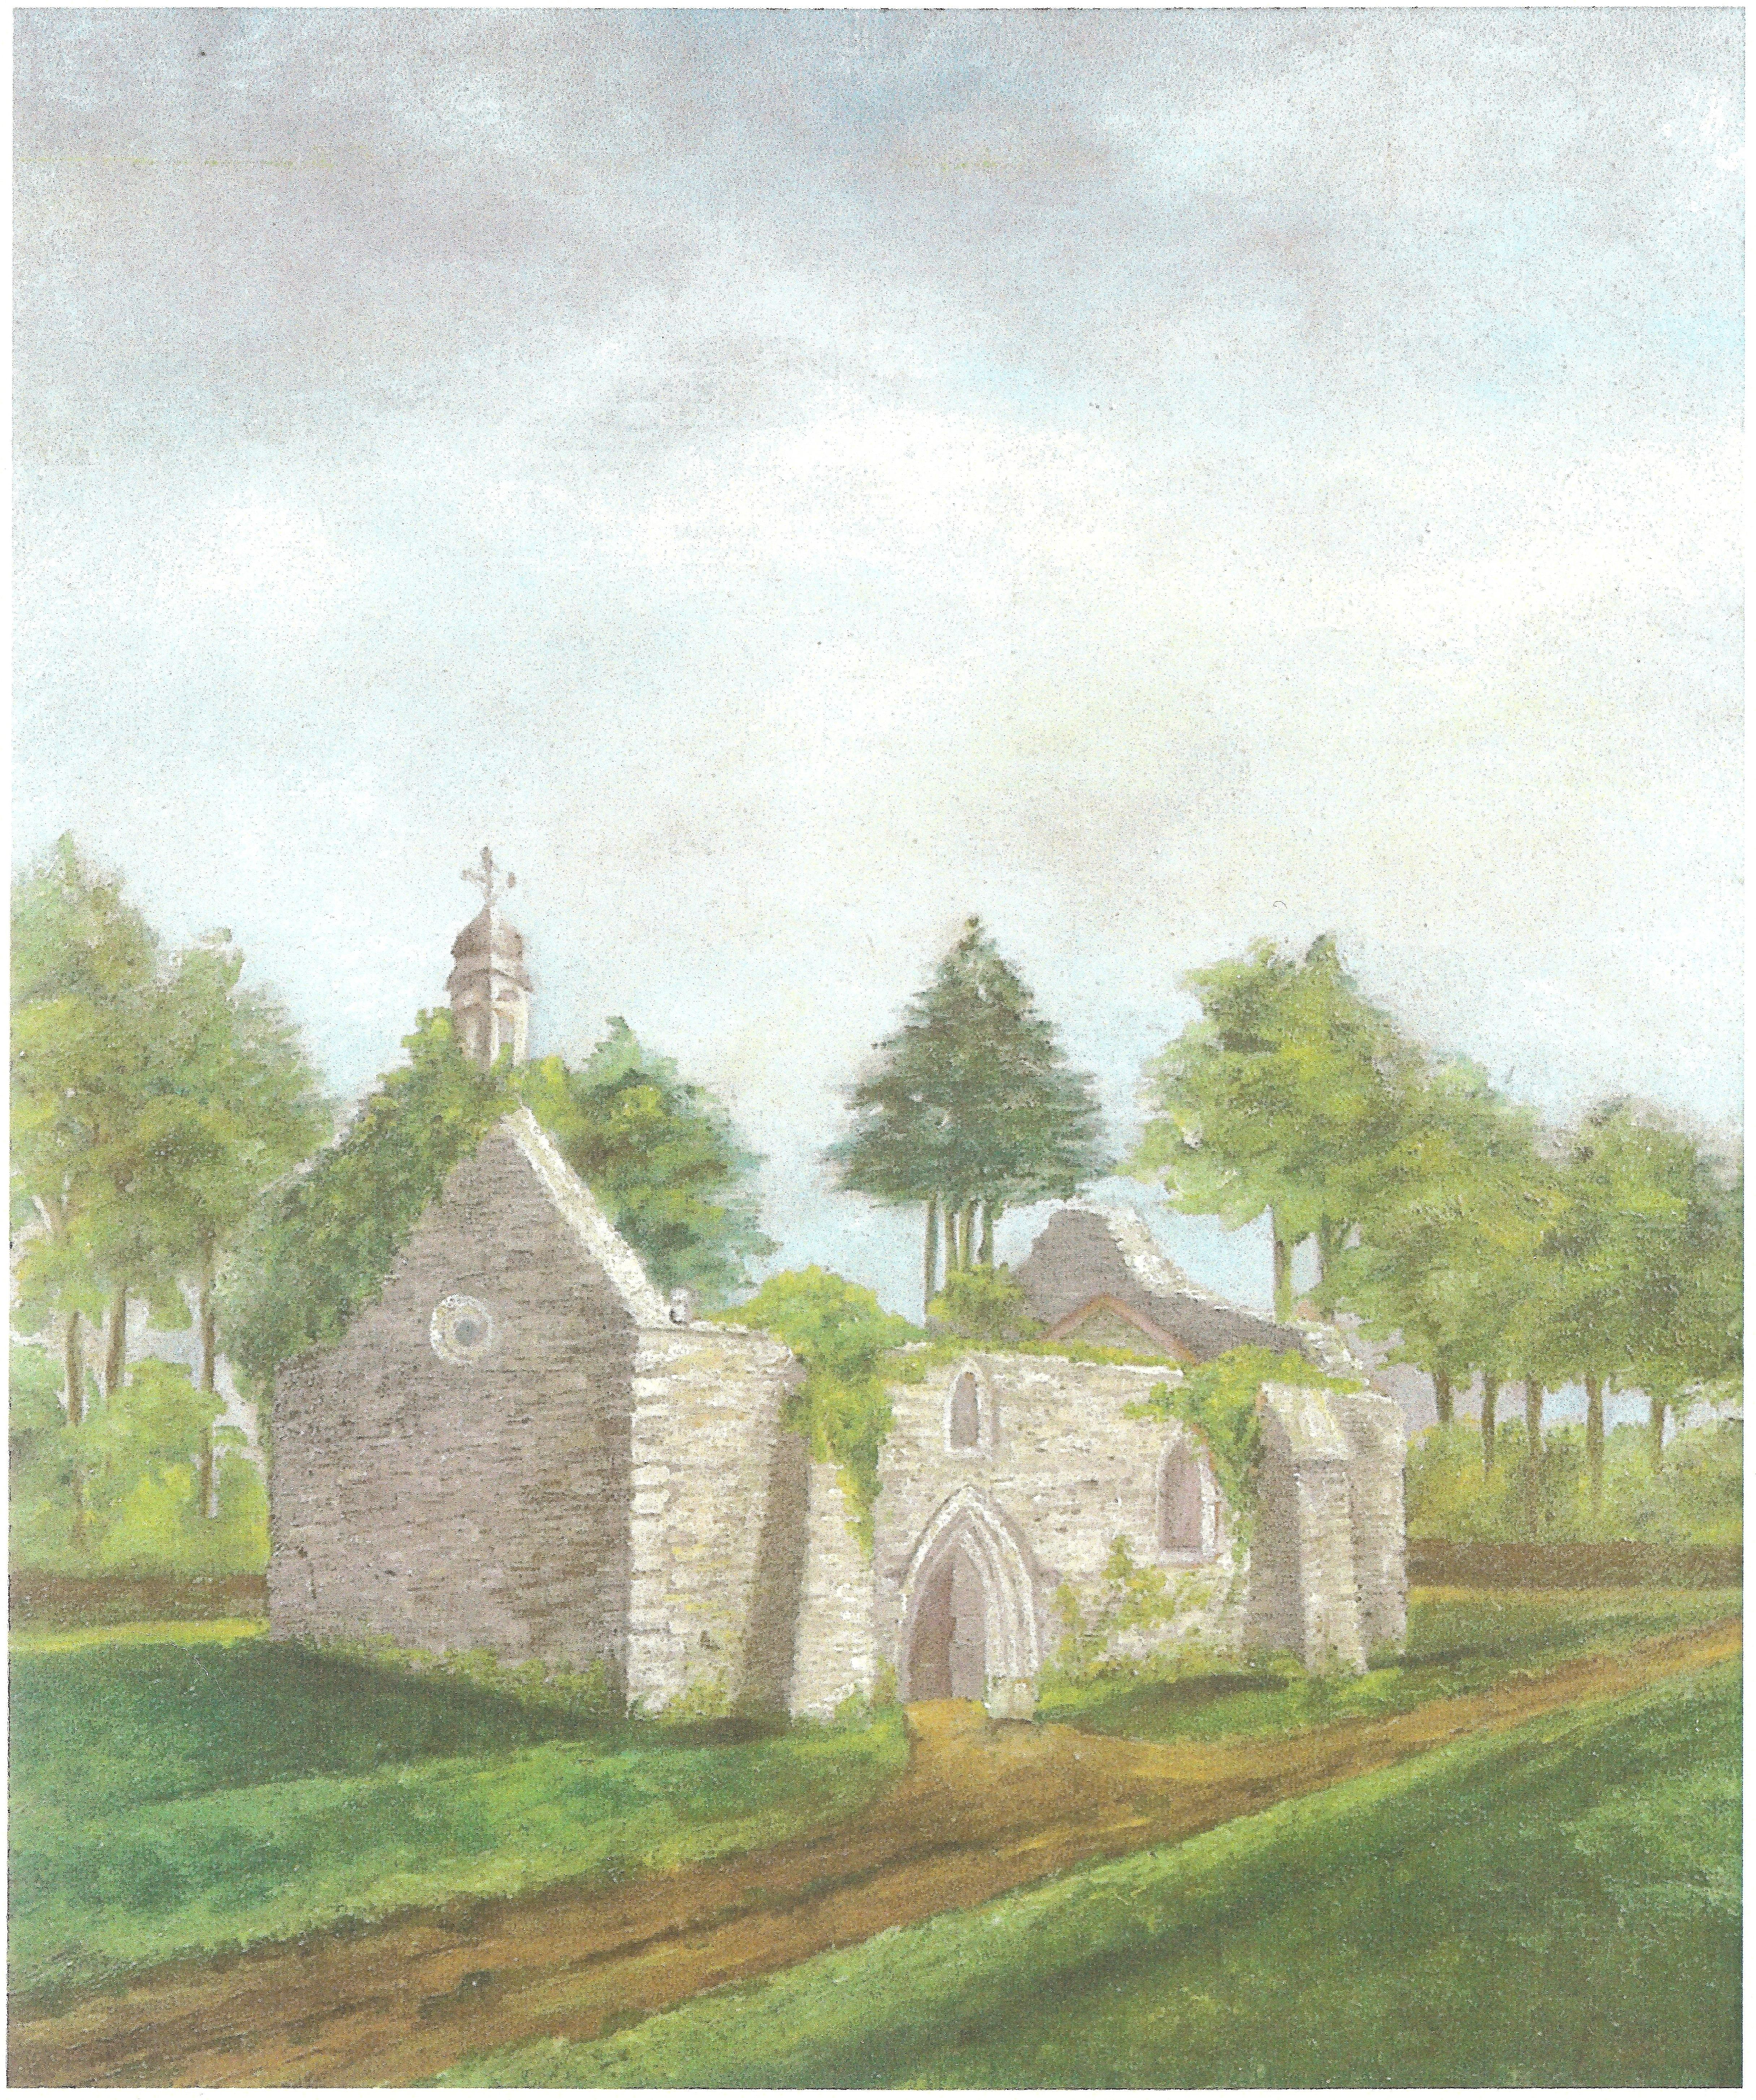 1 Ancienne chapelle saint Germain XVIème siècle